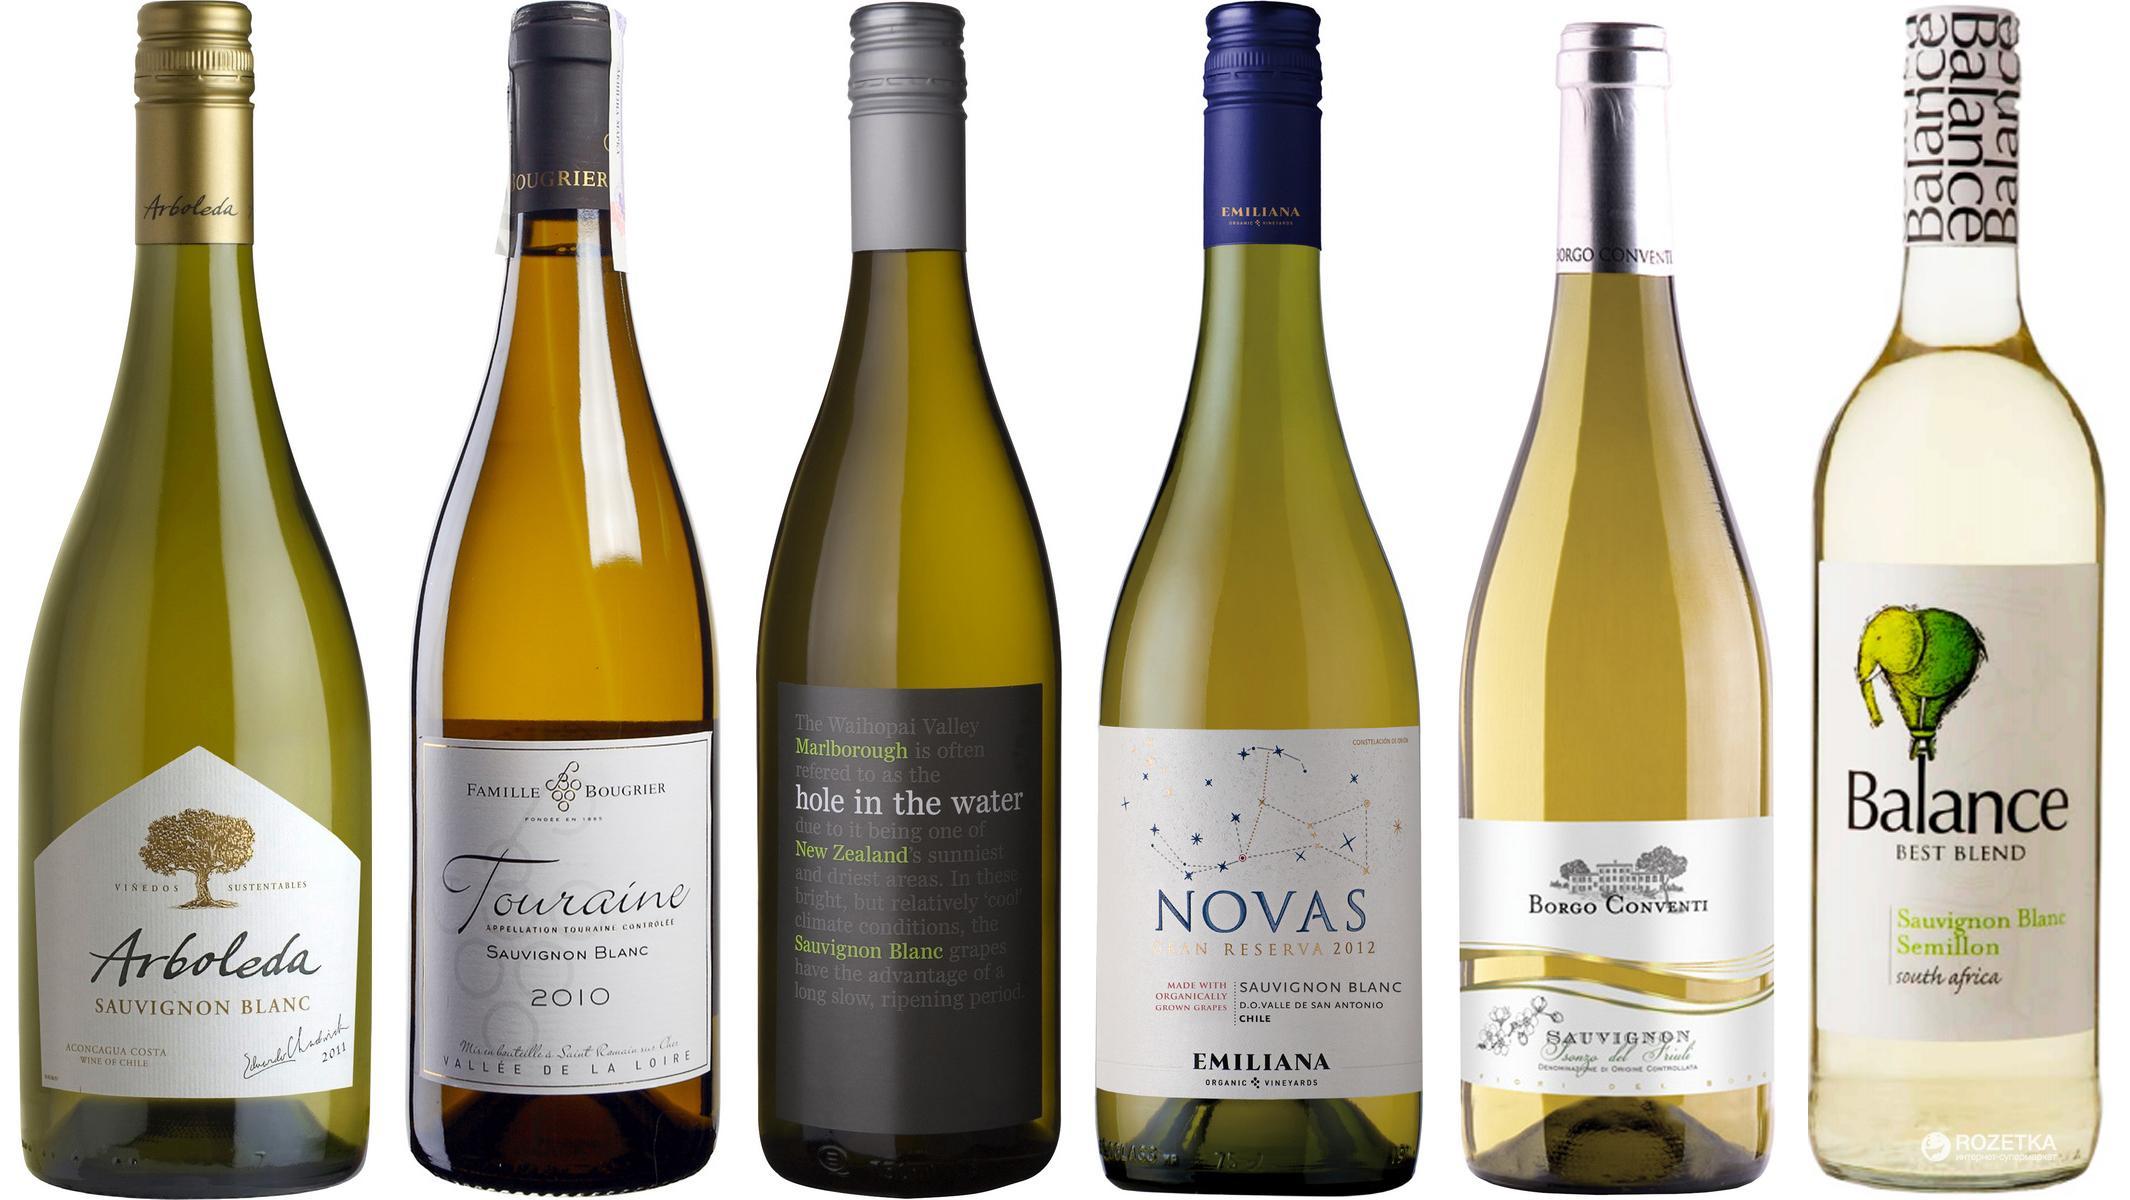 Сорт вина Вино Совиньон Блан (Sauvignon Blanc) первыми открыли египтяне много лет назад, но и сейчас данное вино не теряет популярности